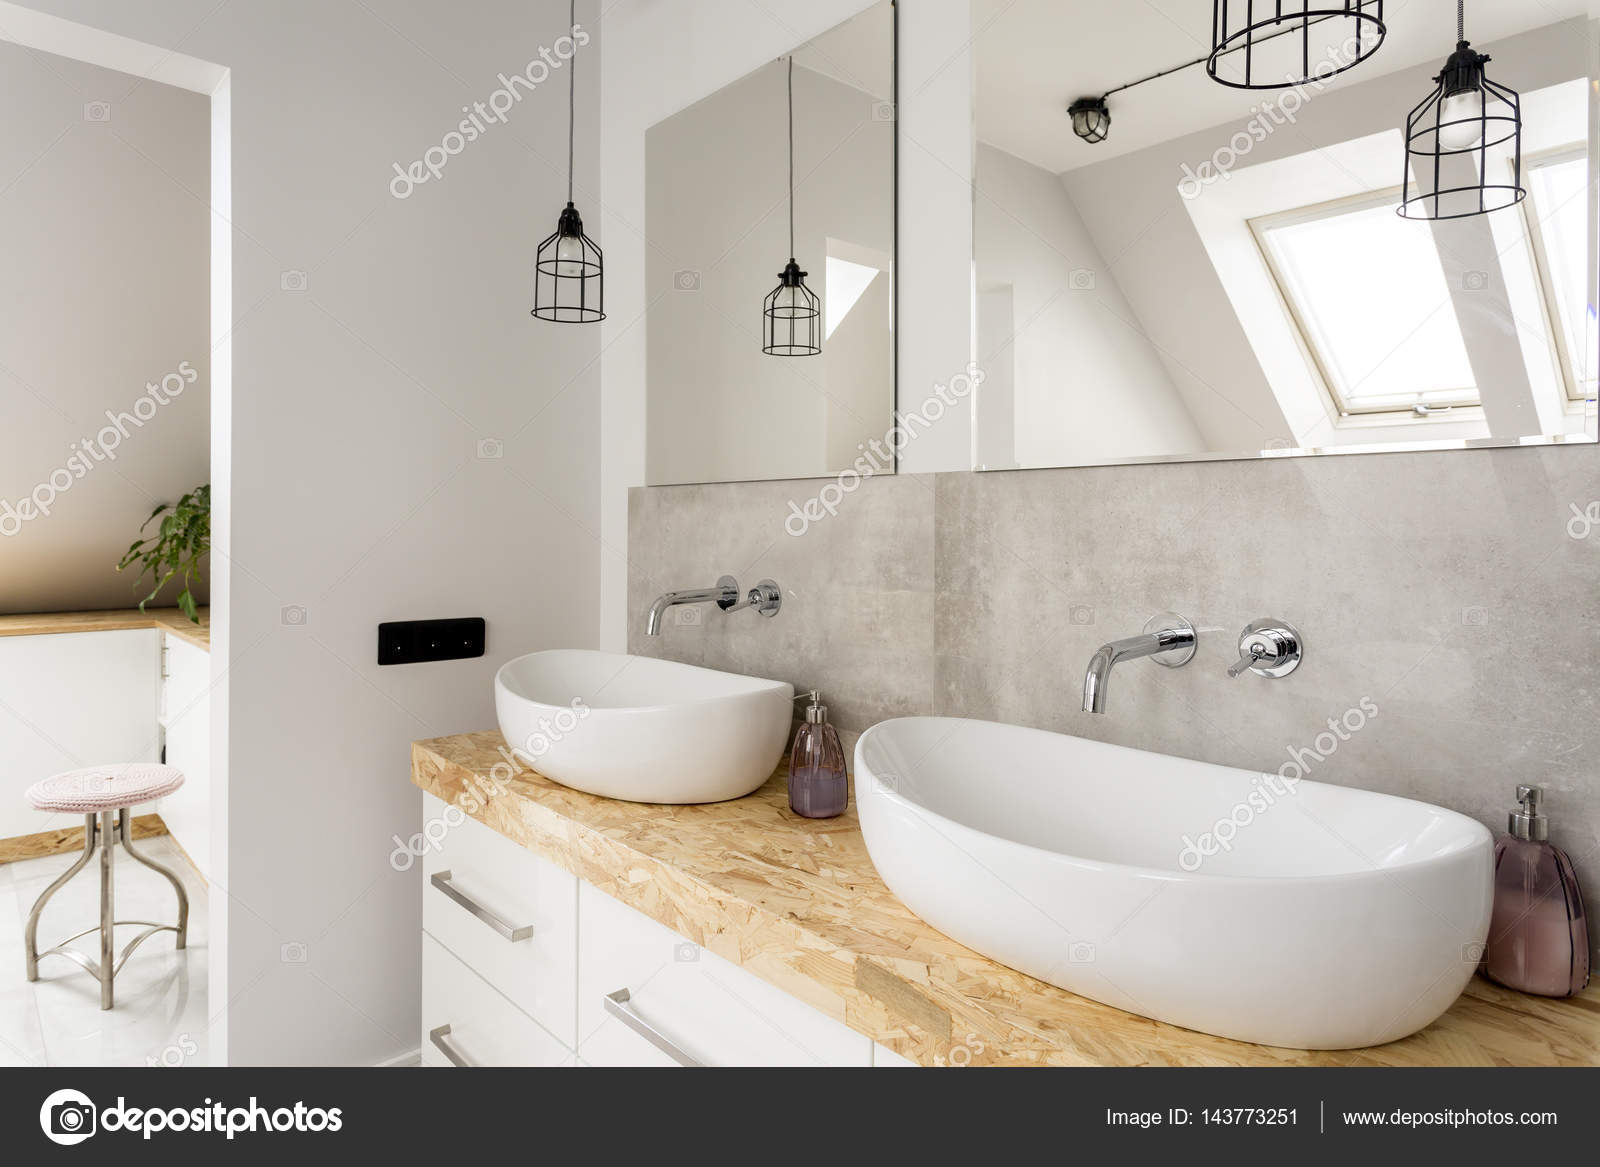 Minimalistische badkamer met twee wastafels u stockfoto